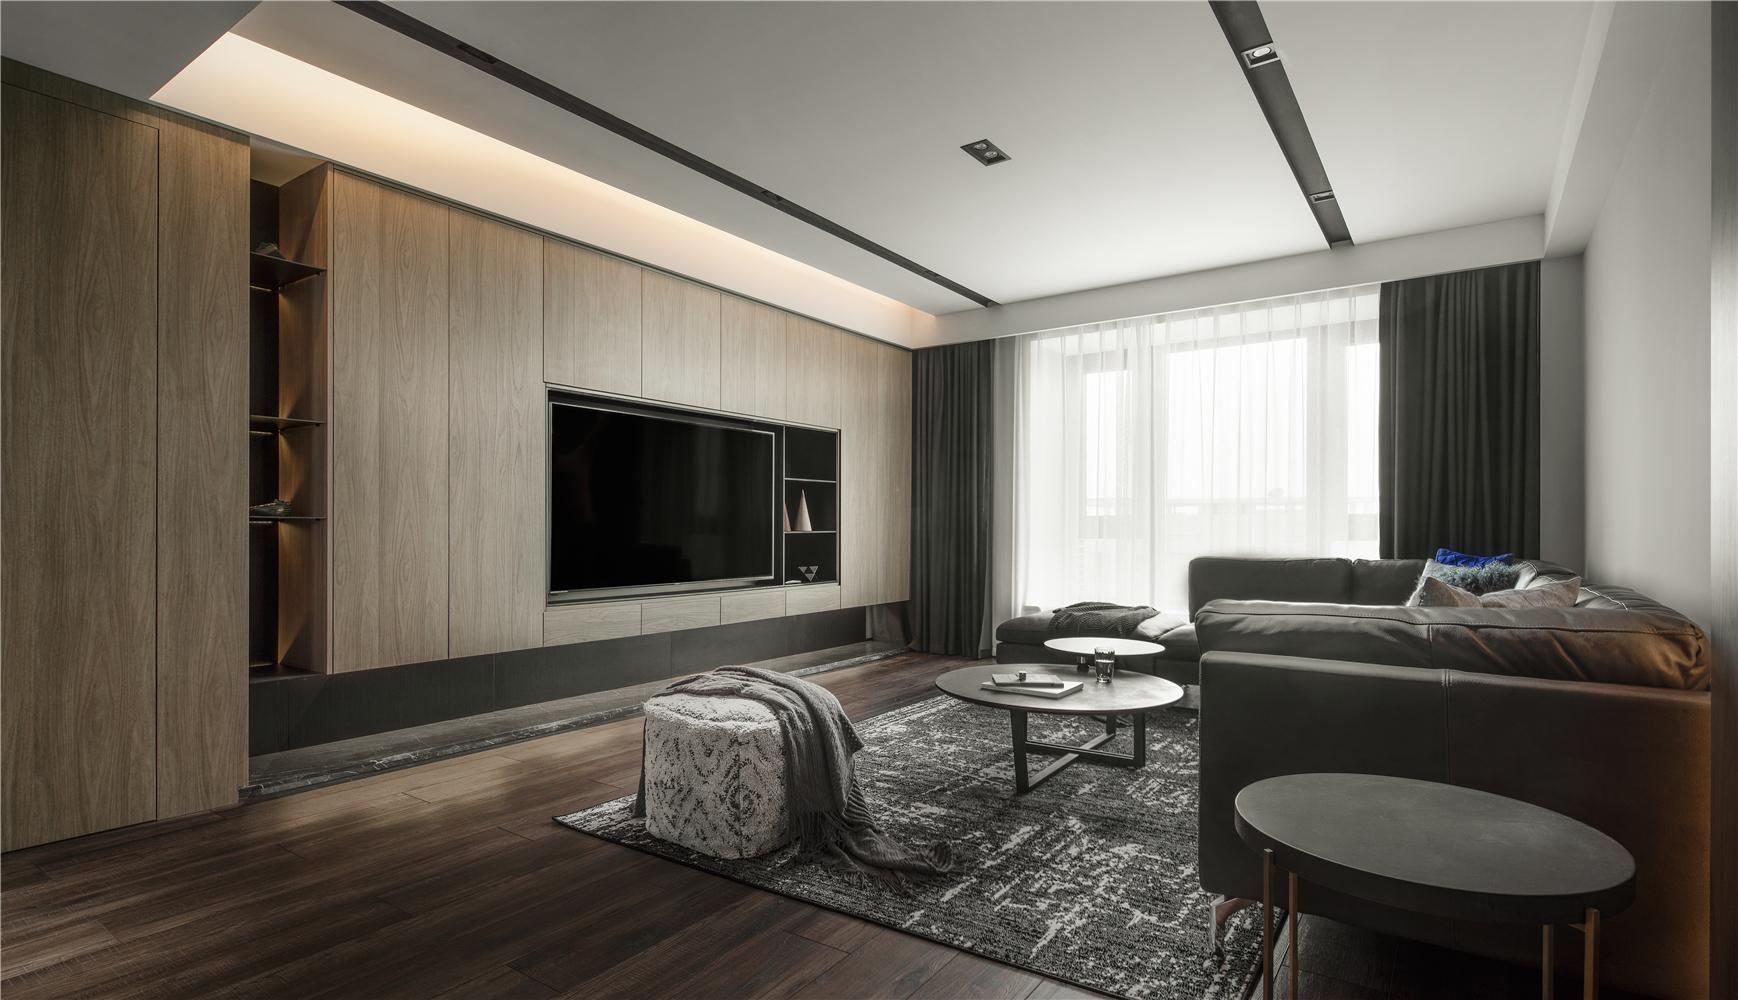 156㎡现代风格客厅电视墙装修效果图